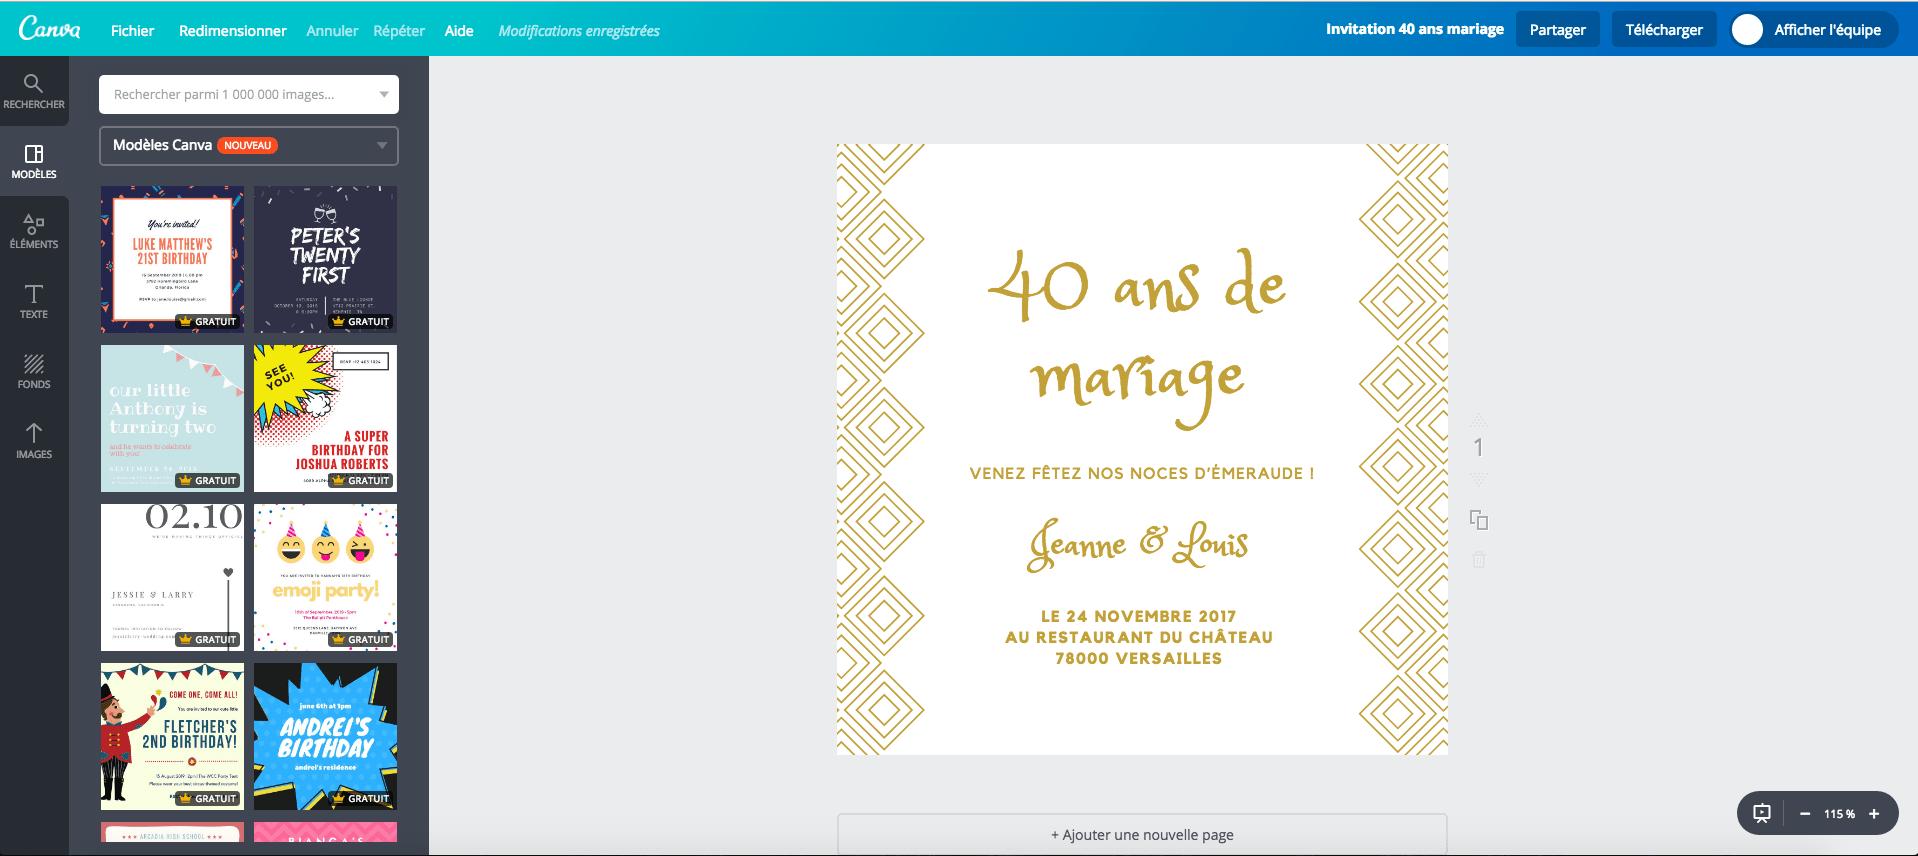 de mariage 40 ans